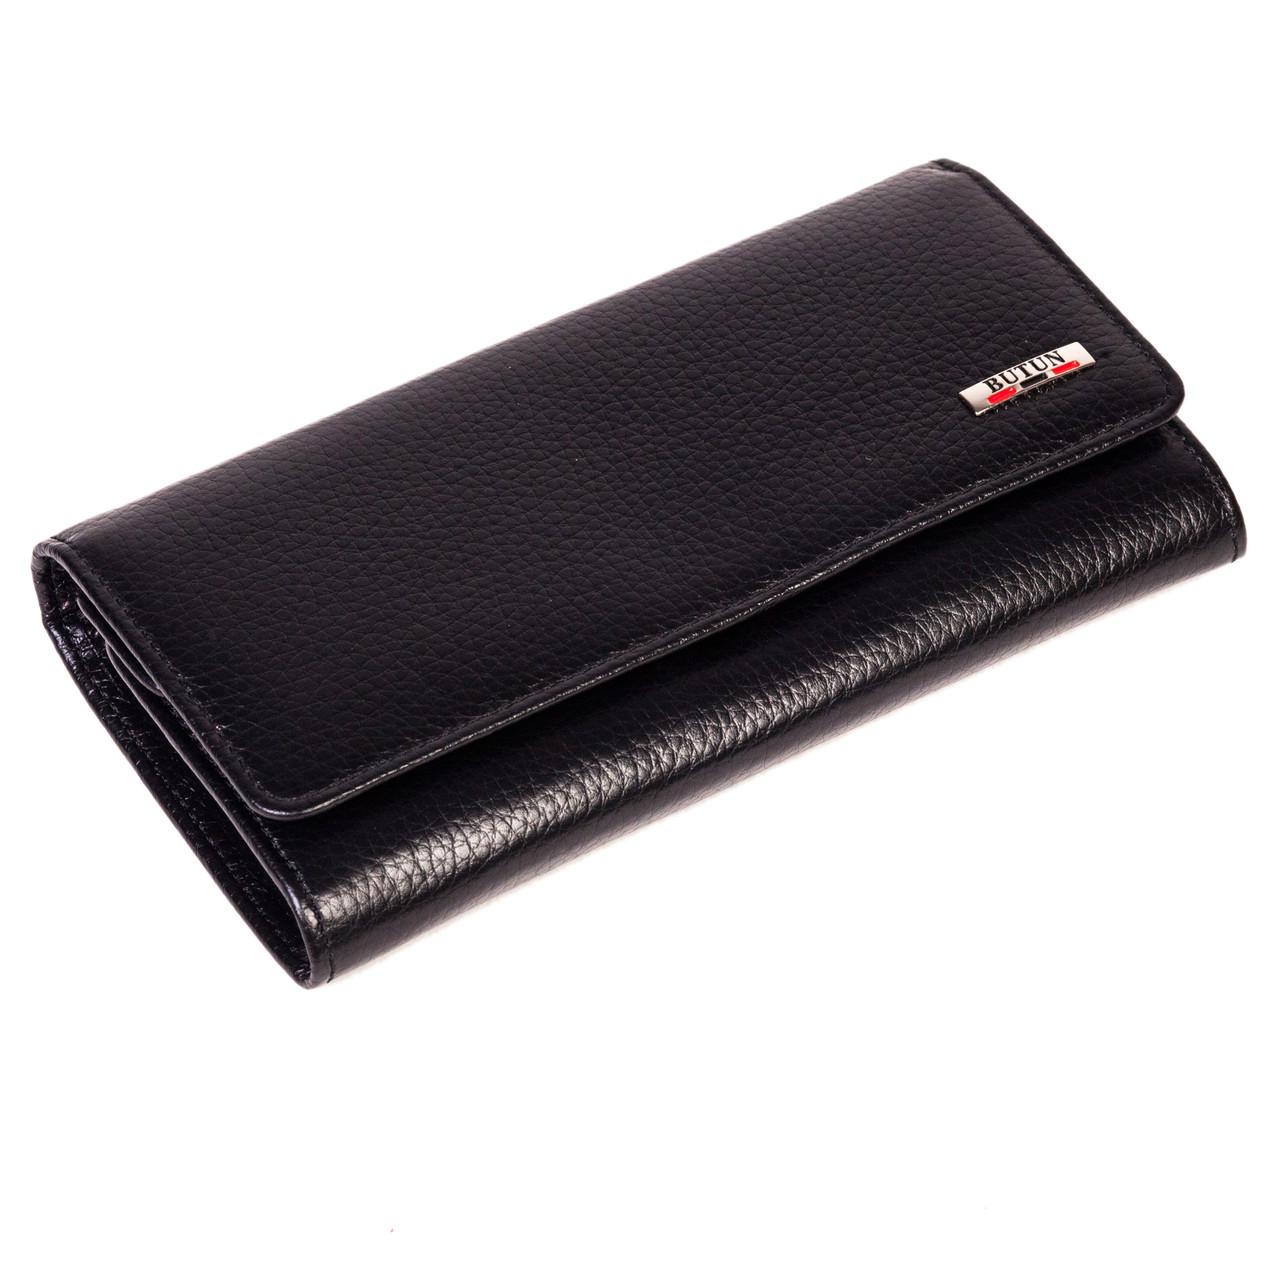 Женский кошелек Butun 592-004-001 кожаный черный